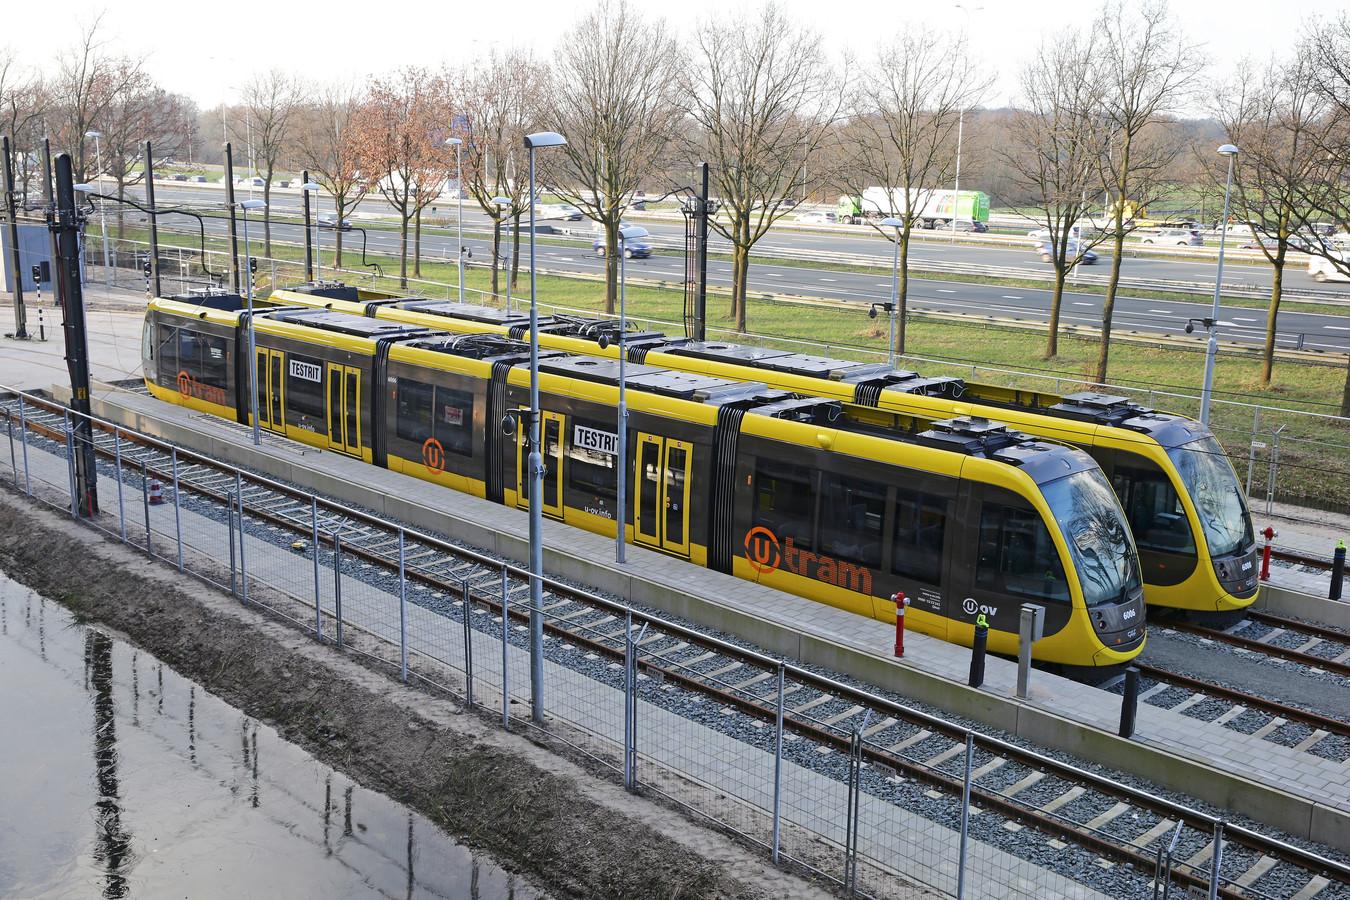 Op de Uithof staan de eerste trams te wachten op de opening van de nieuwe tramlijn.